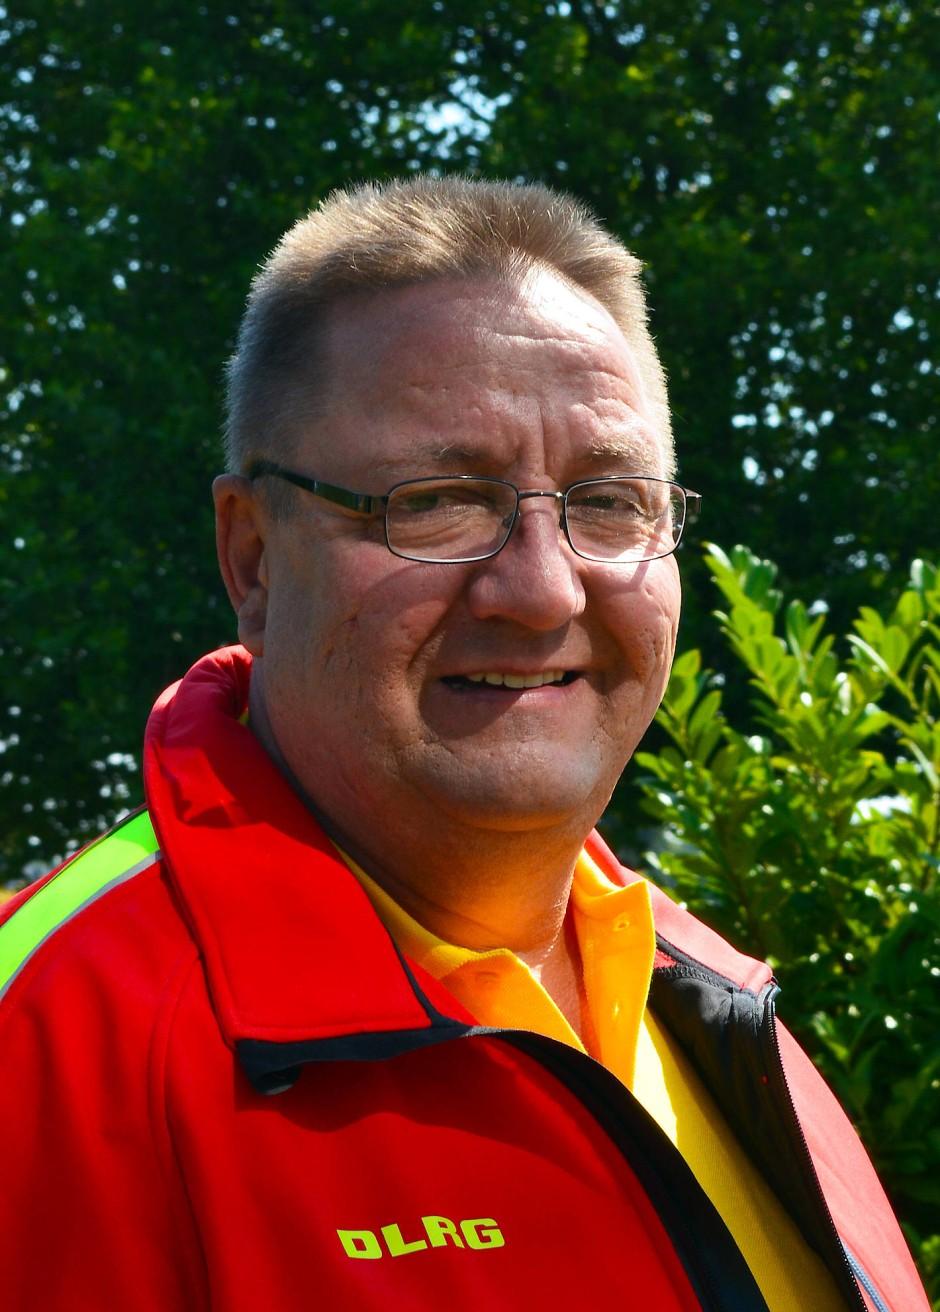 Achim Wiese, Jahrgang 1960, ist Pressesprecher der Deutschen Lebens-Rettungs-Gesellschaft (DLRG). Zuvor war er Rettungsschwimmer sowie Ausbilder in der Schwimm- und Rettungsschwimmausbildung der DLRG und Mitglied im Präsidium des Bundesverbandes.